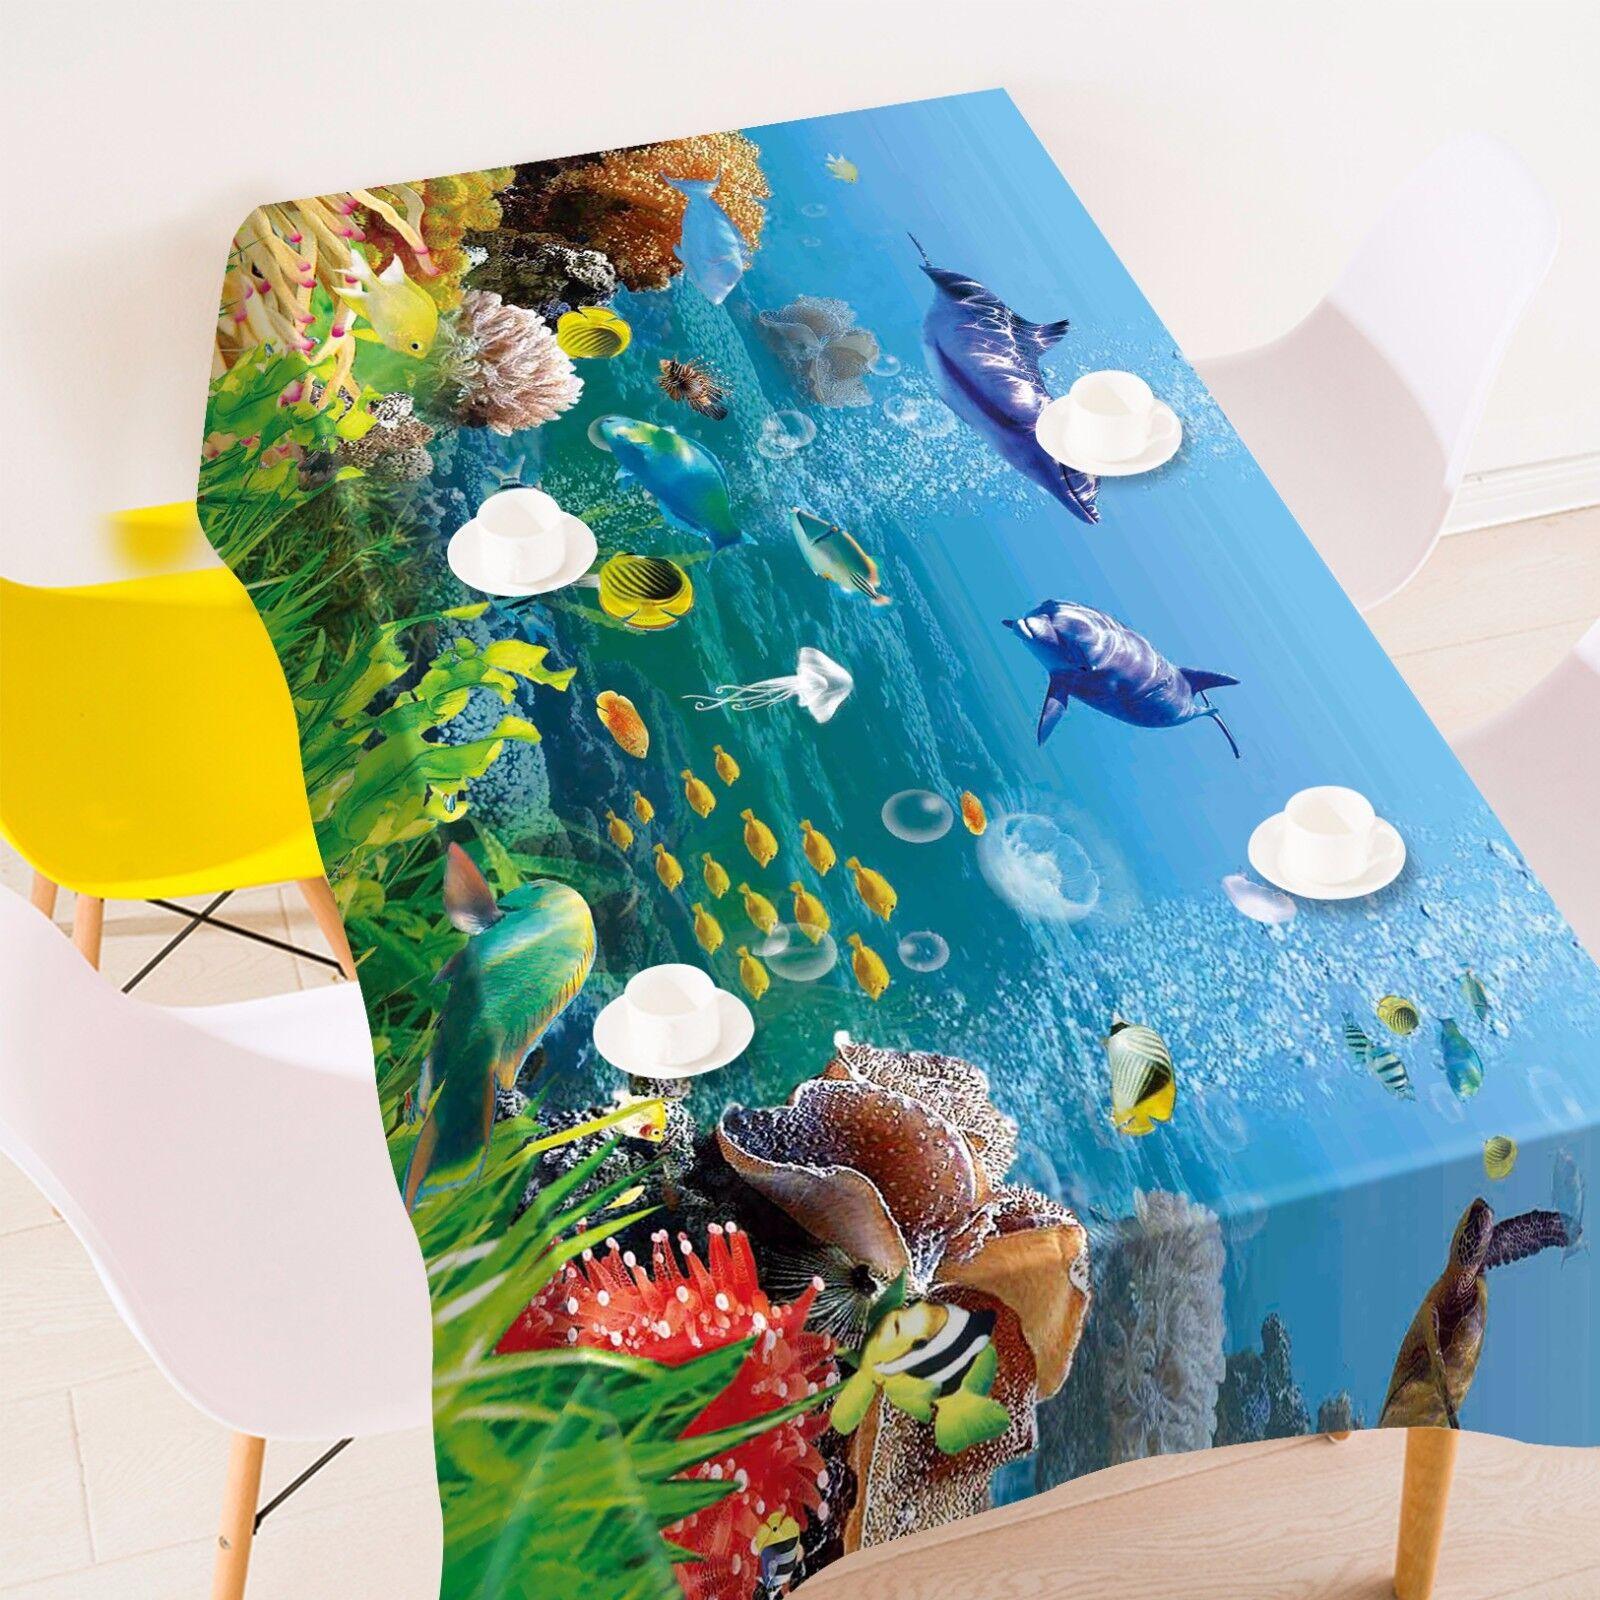 3D Ocean Poisson 9 Nappe Table Cover Cloth Fête D'Anniversaire événement AJ papier peint UK